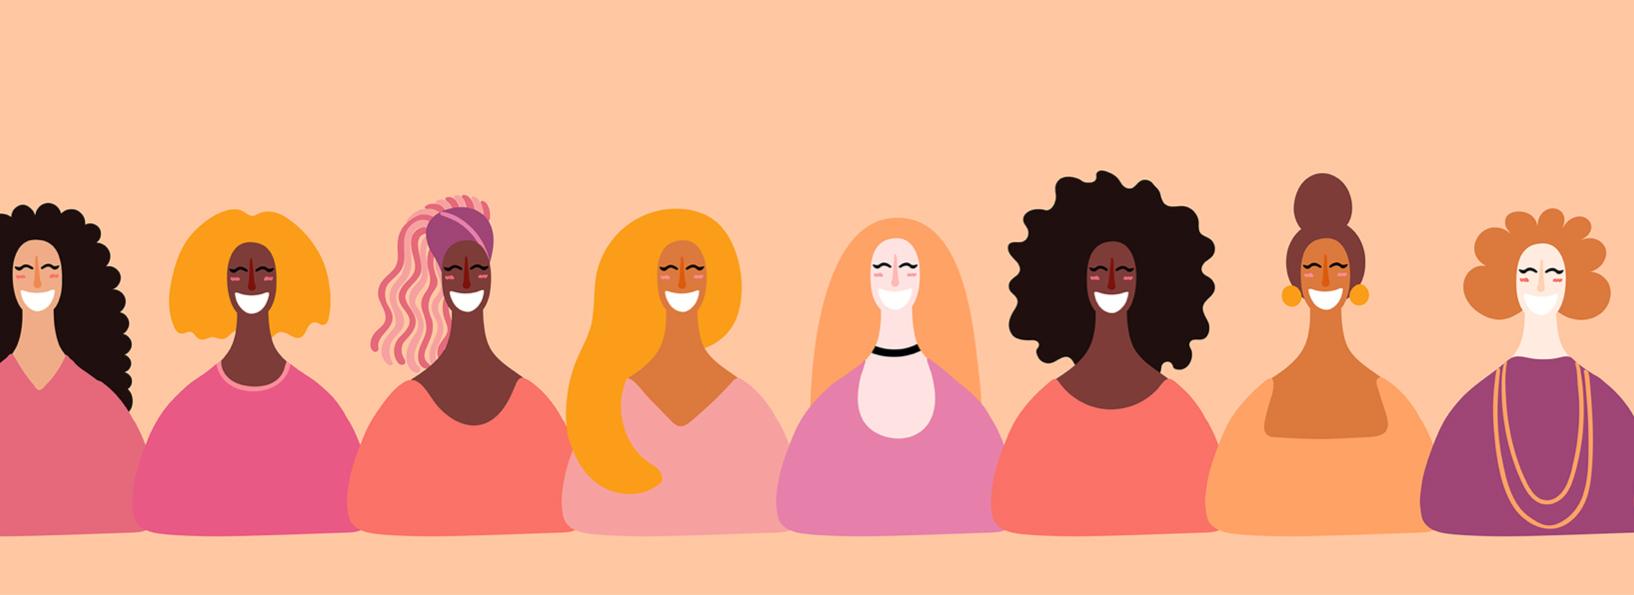 О женском лидерстве изменение климата